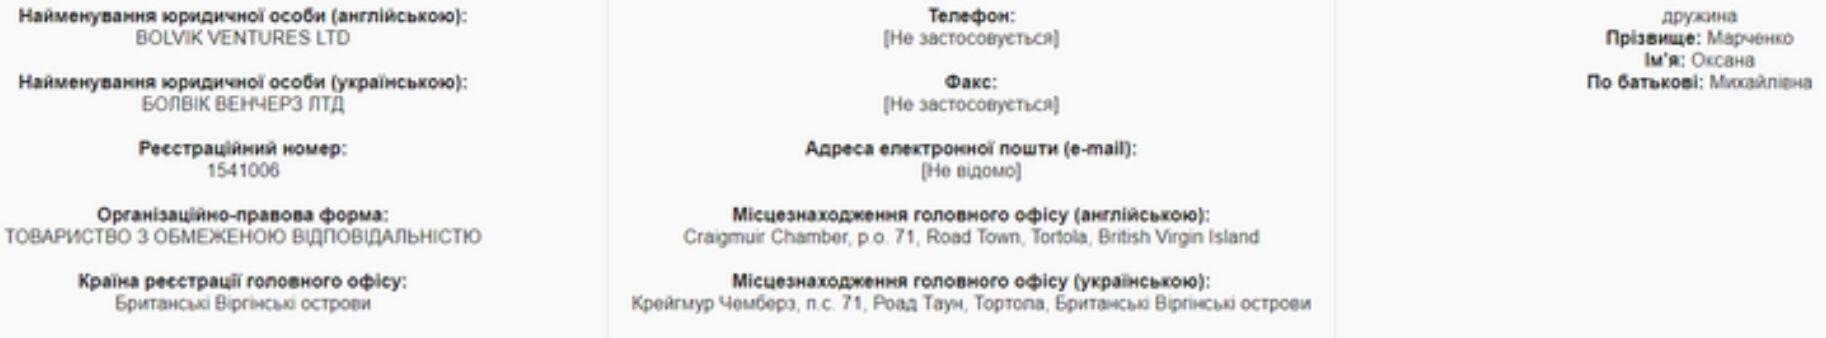 Дані про Bolvik Ventures LTD, якою володіє Оксана Марченко.